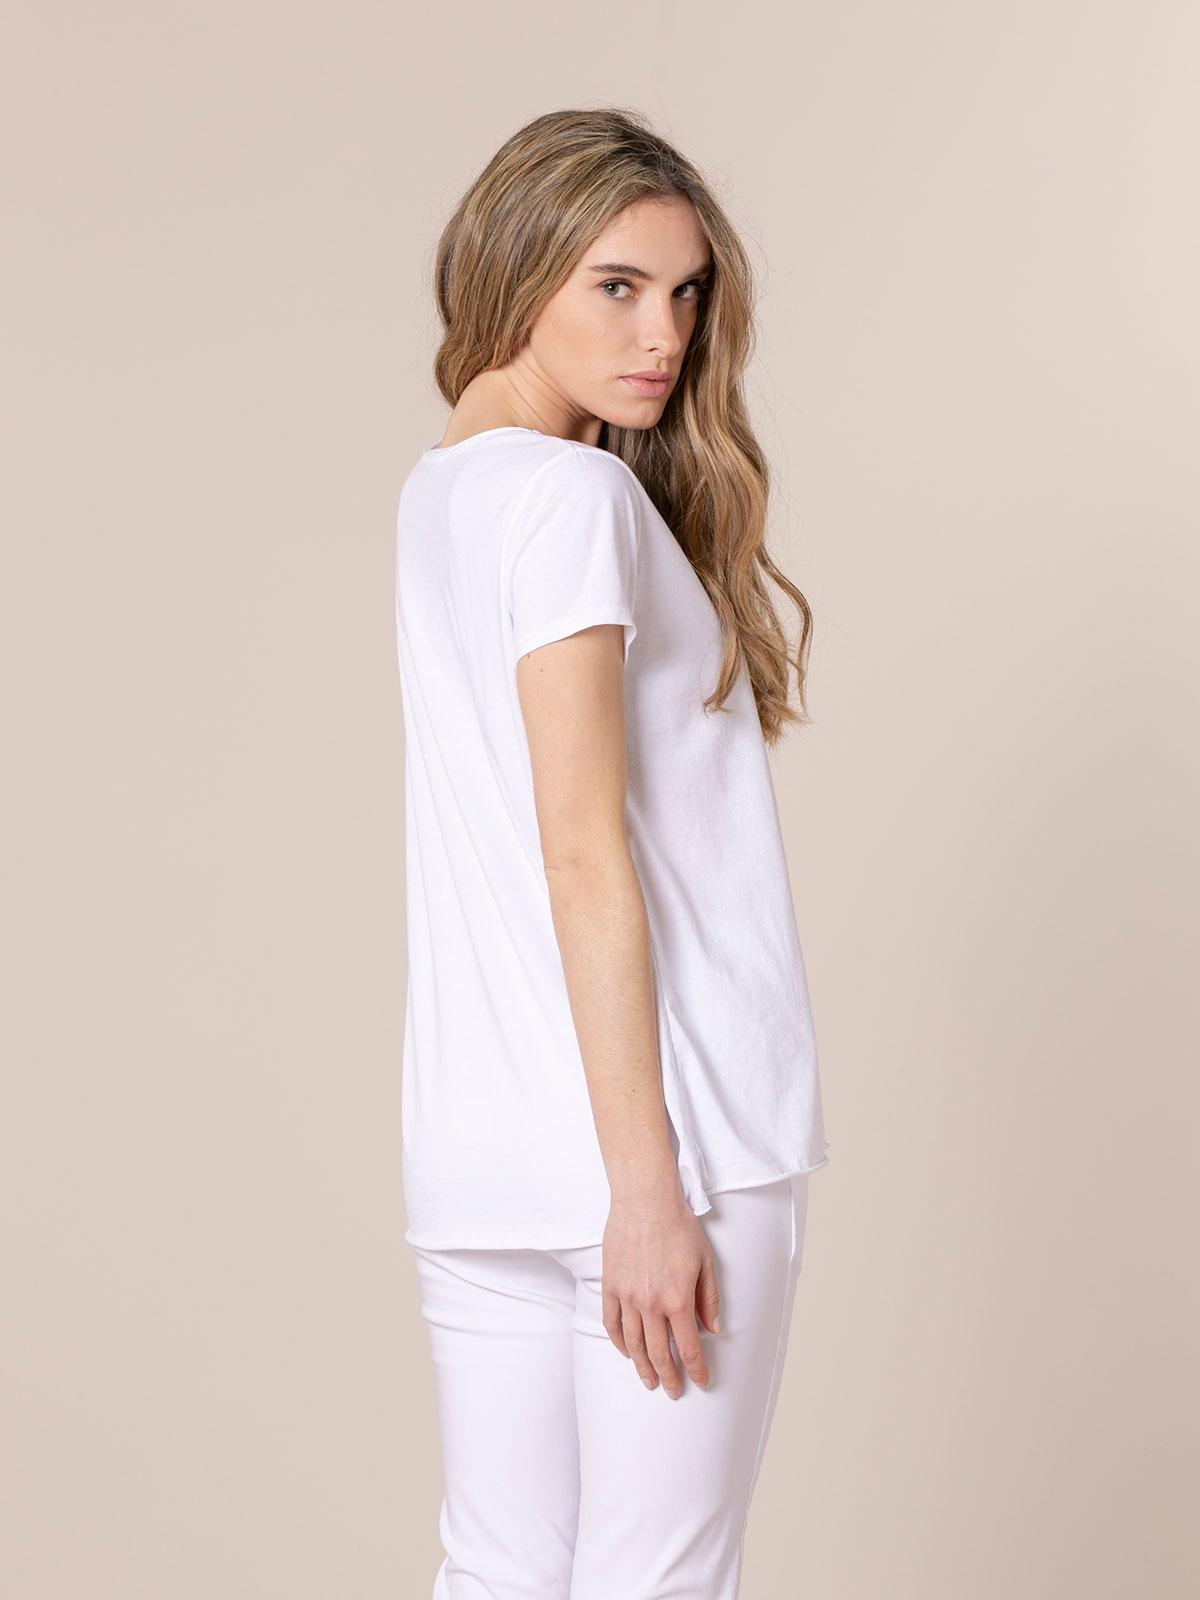 Camiseta mujer algodón mensaje Blanco